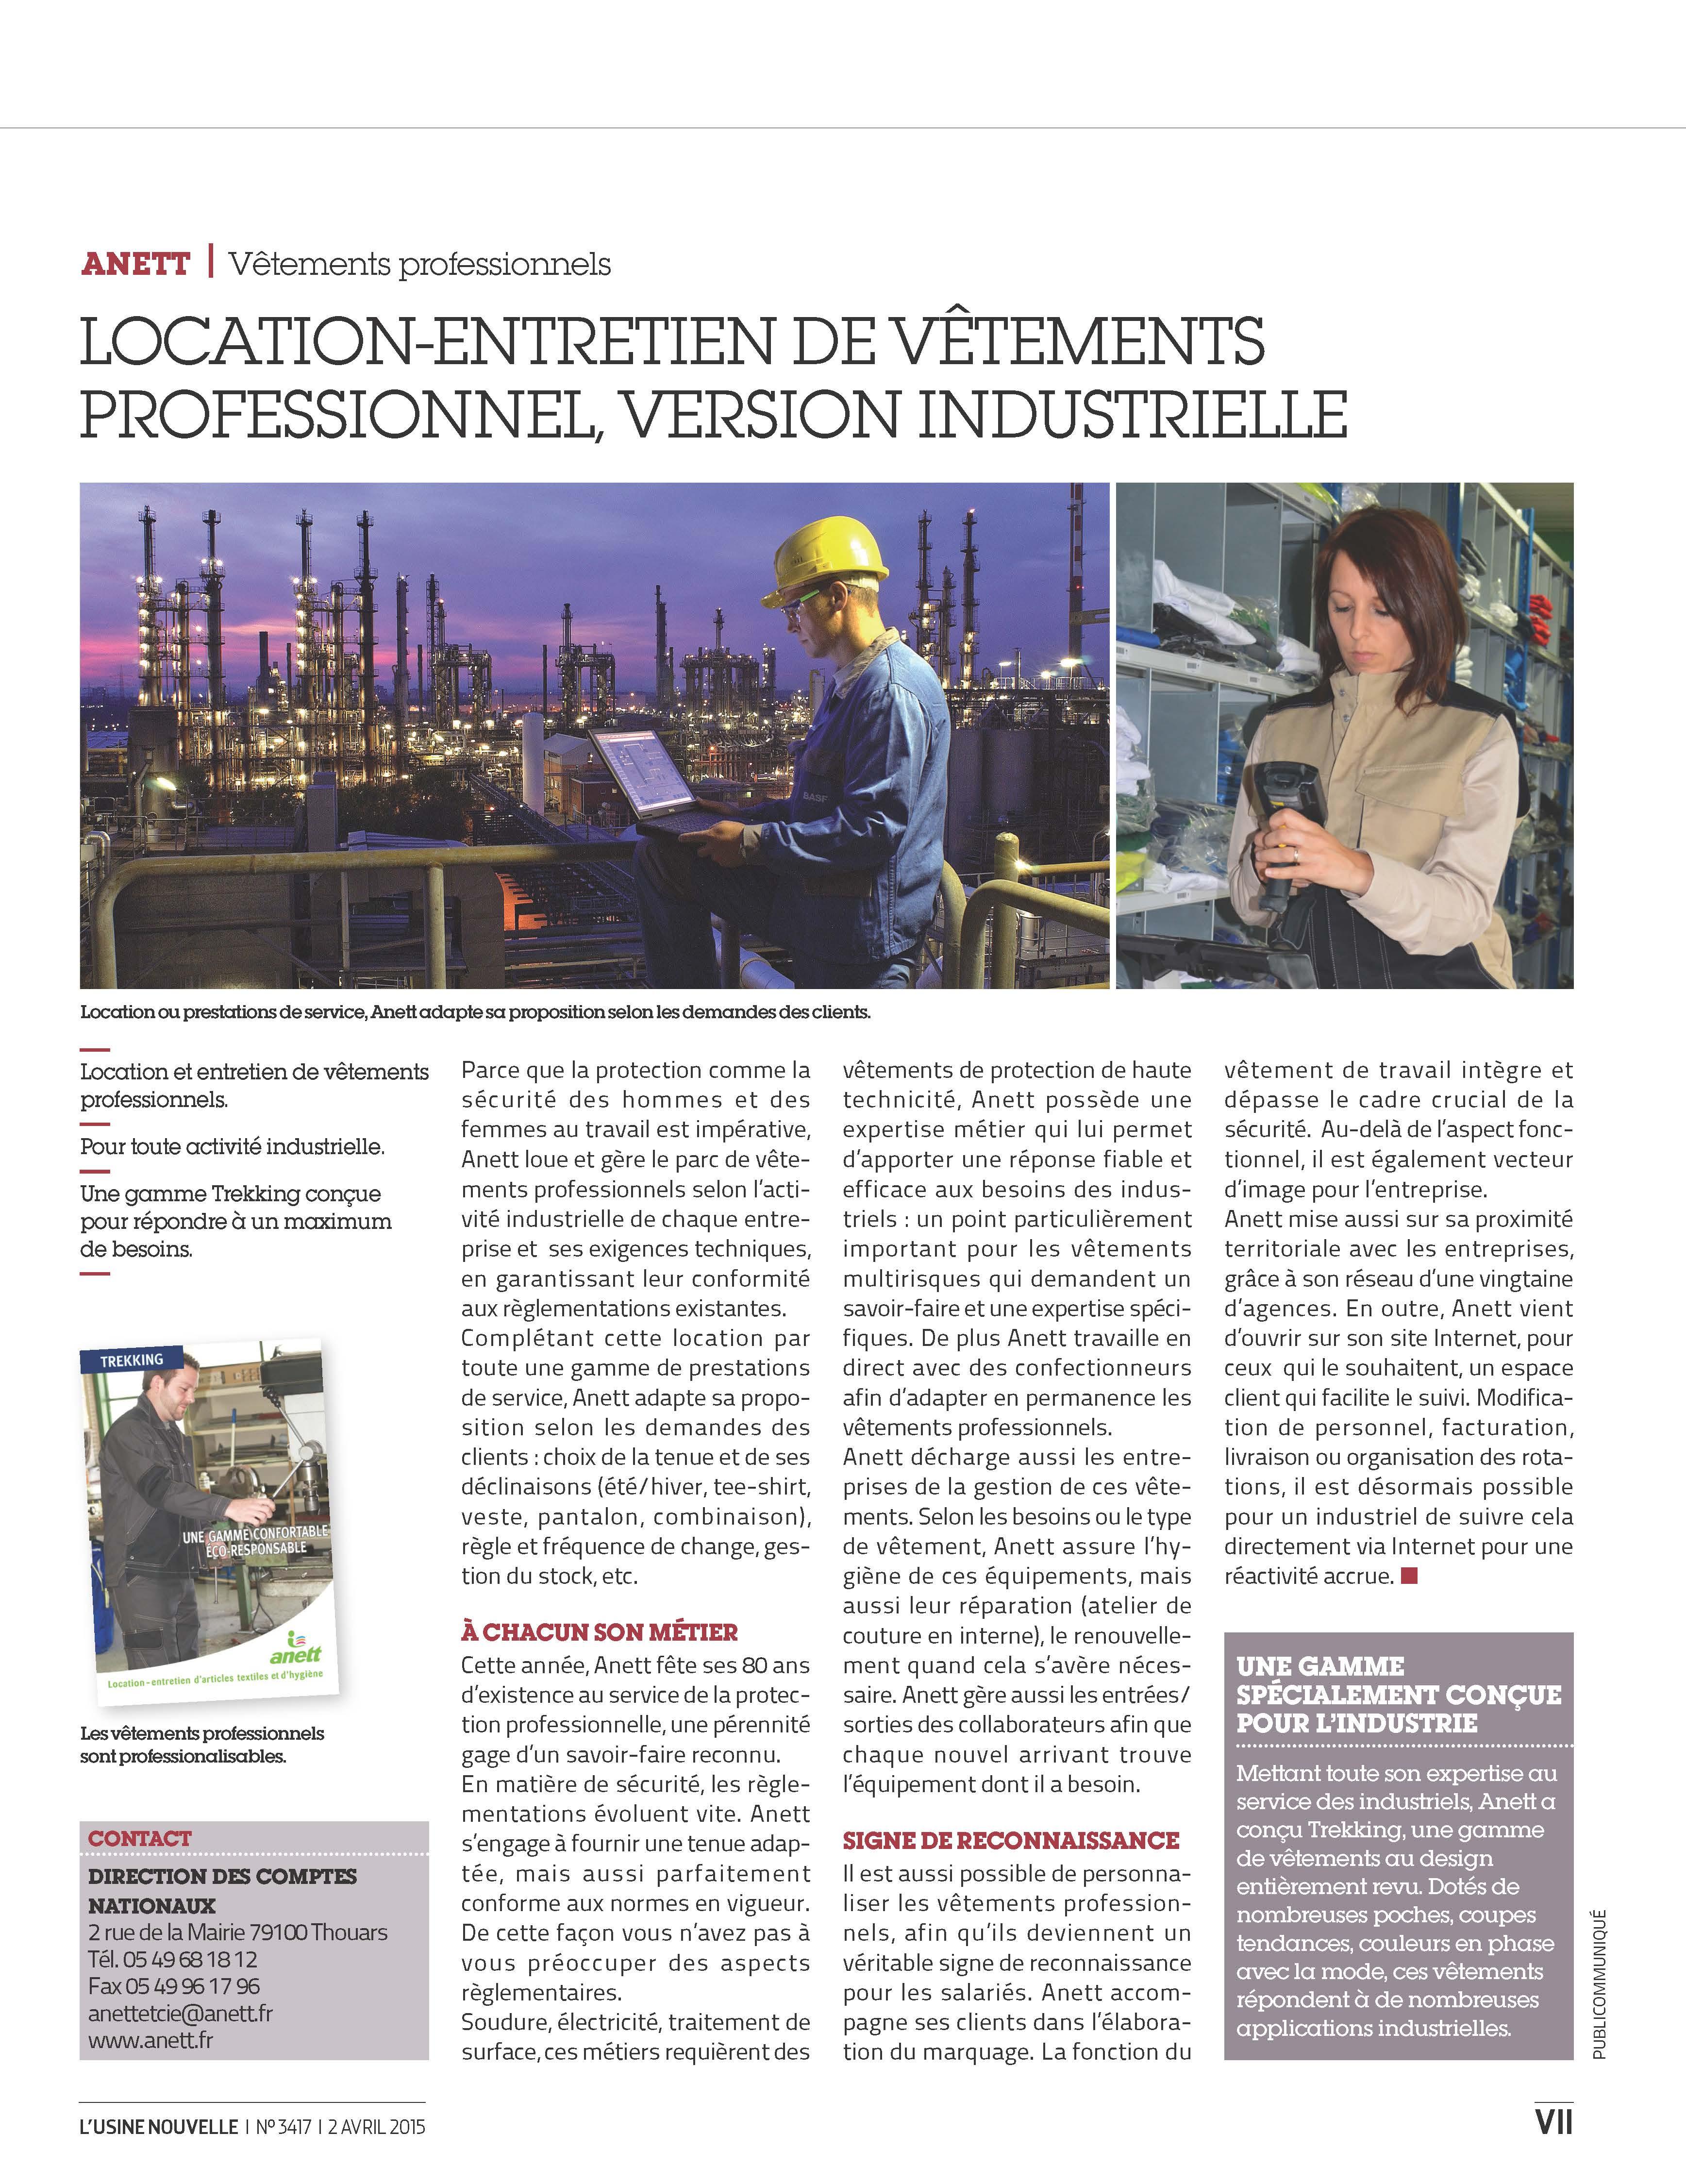 Publiscopie usine nouvelle anett0415